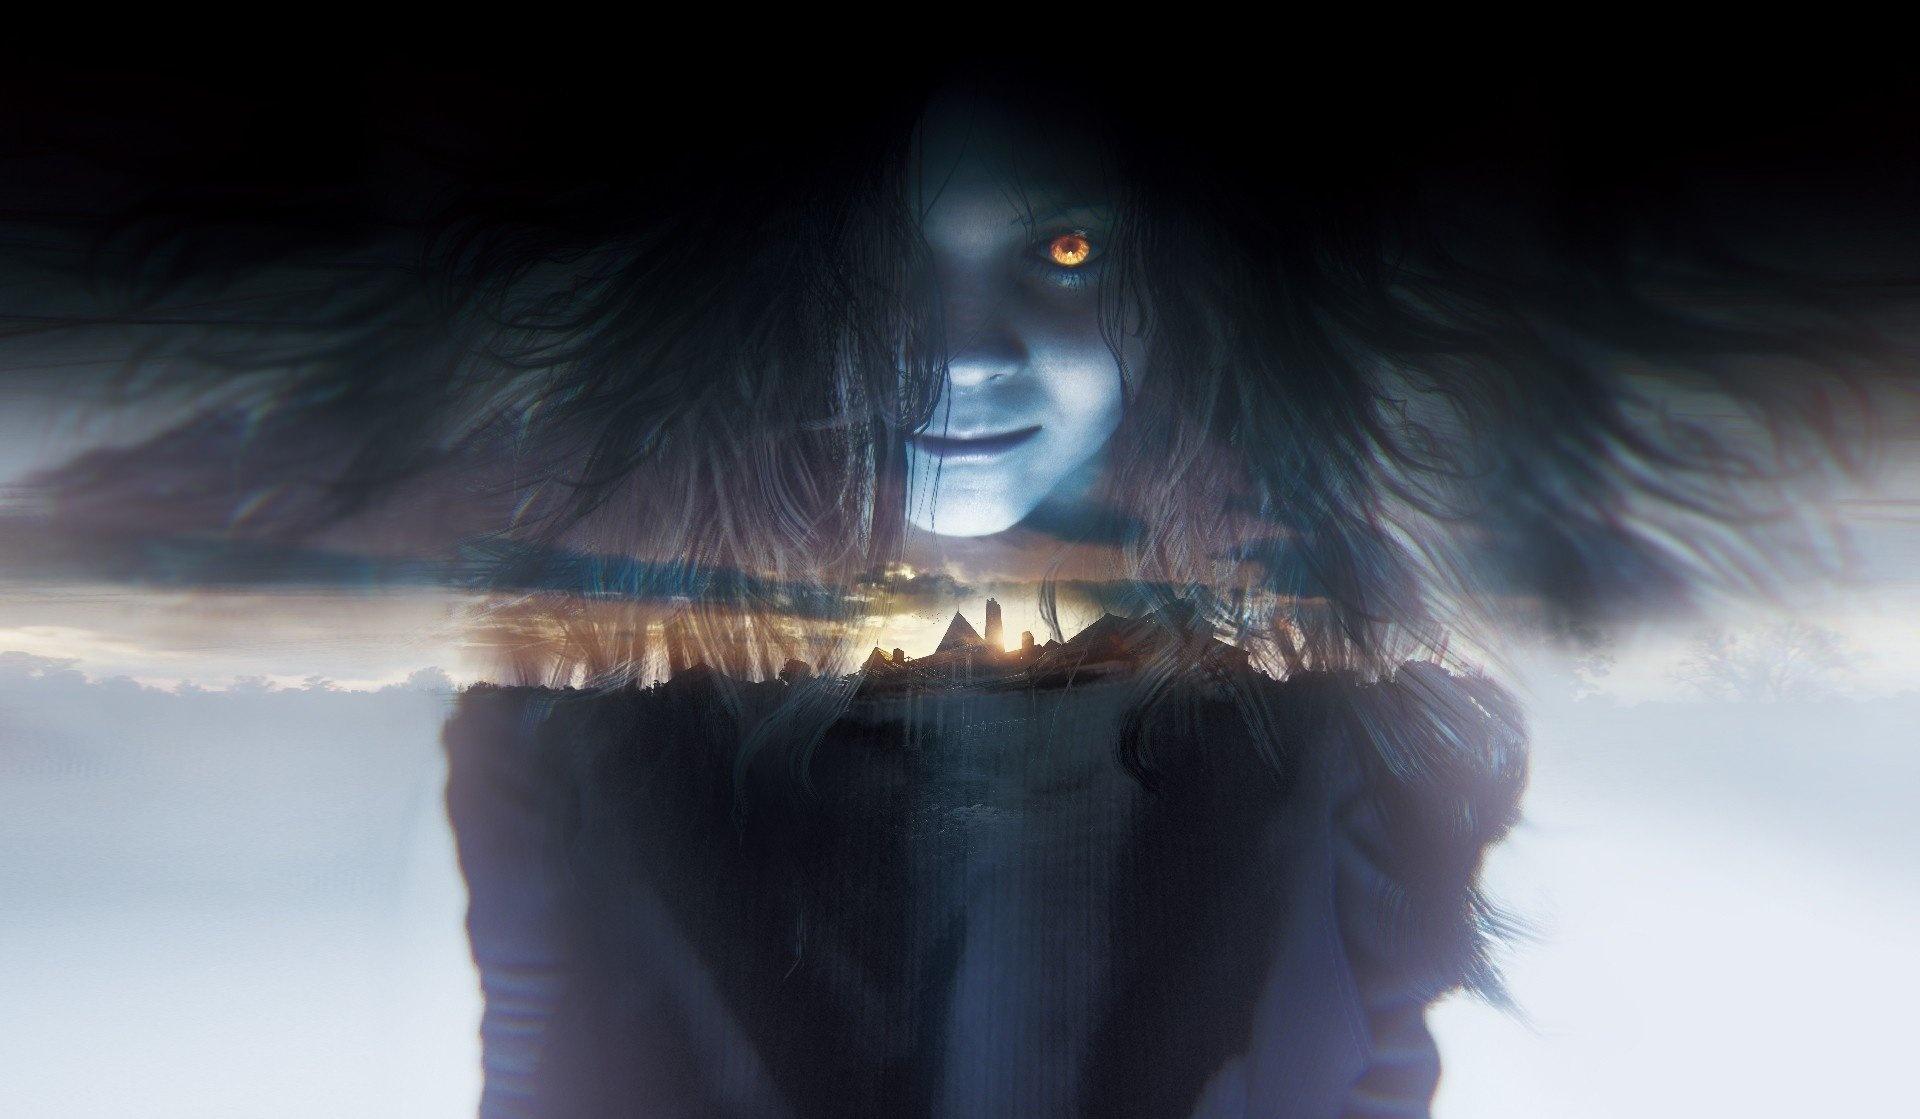 СМИ: в Resident Evil8 будут зомби, призрак-преследователь и Крис Редфилд